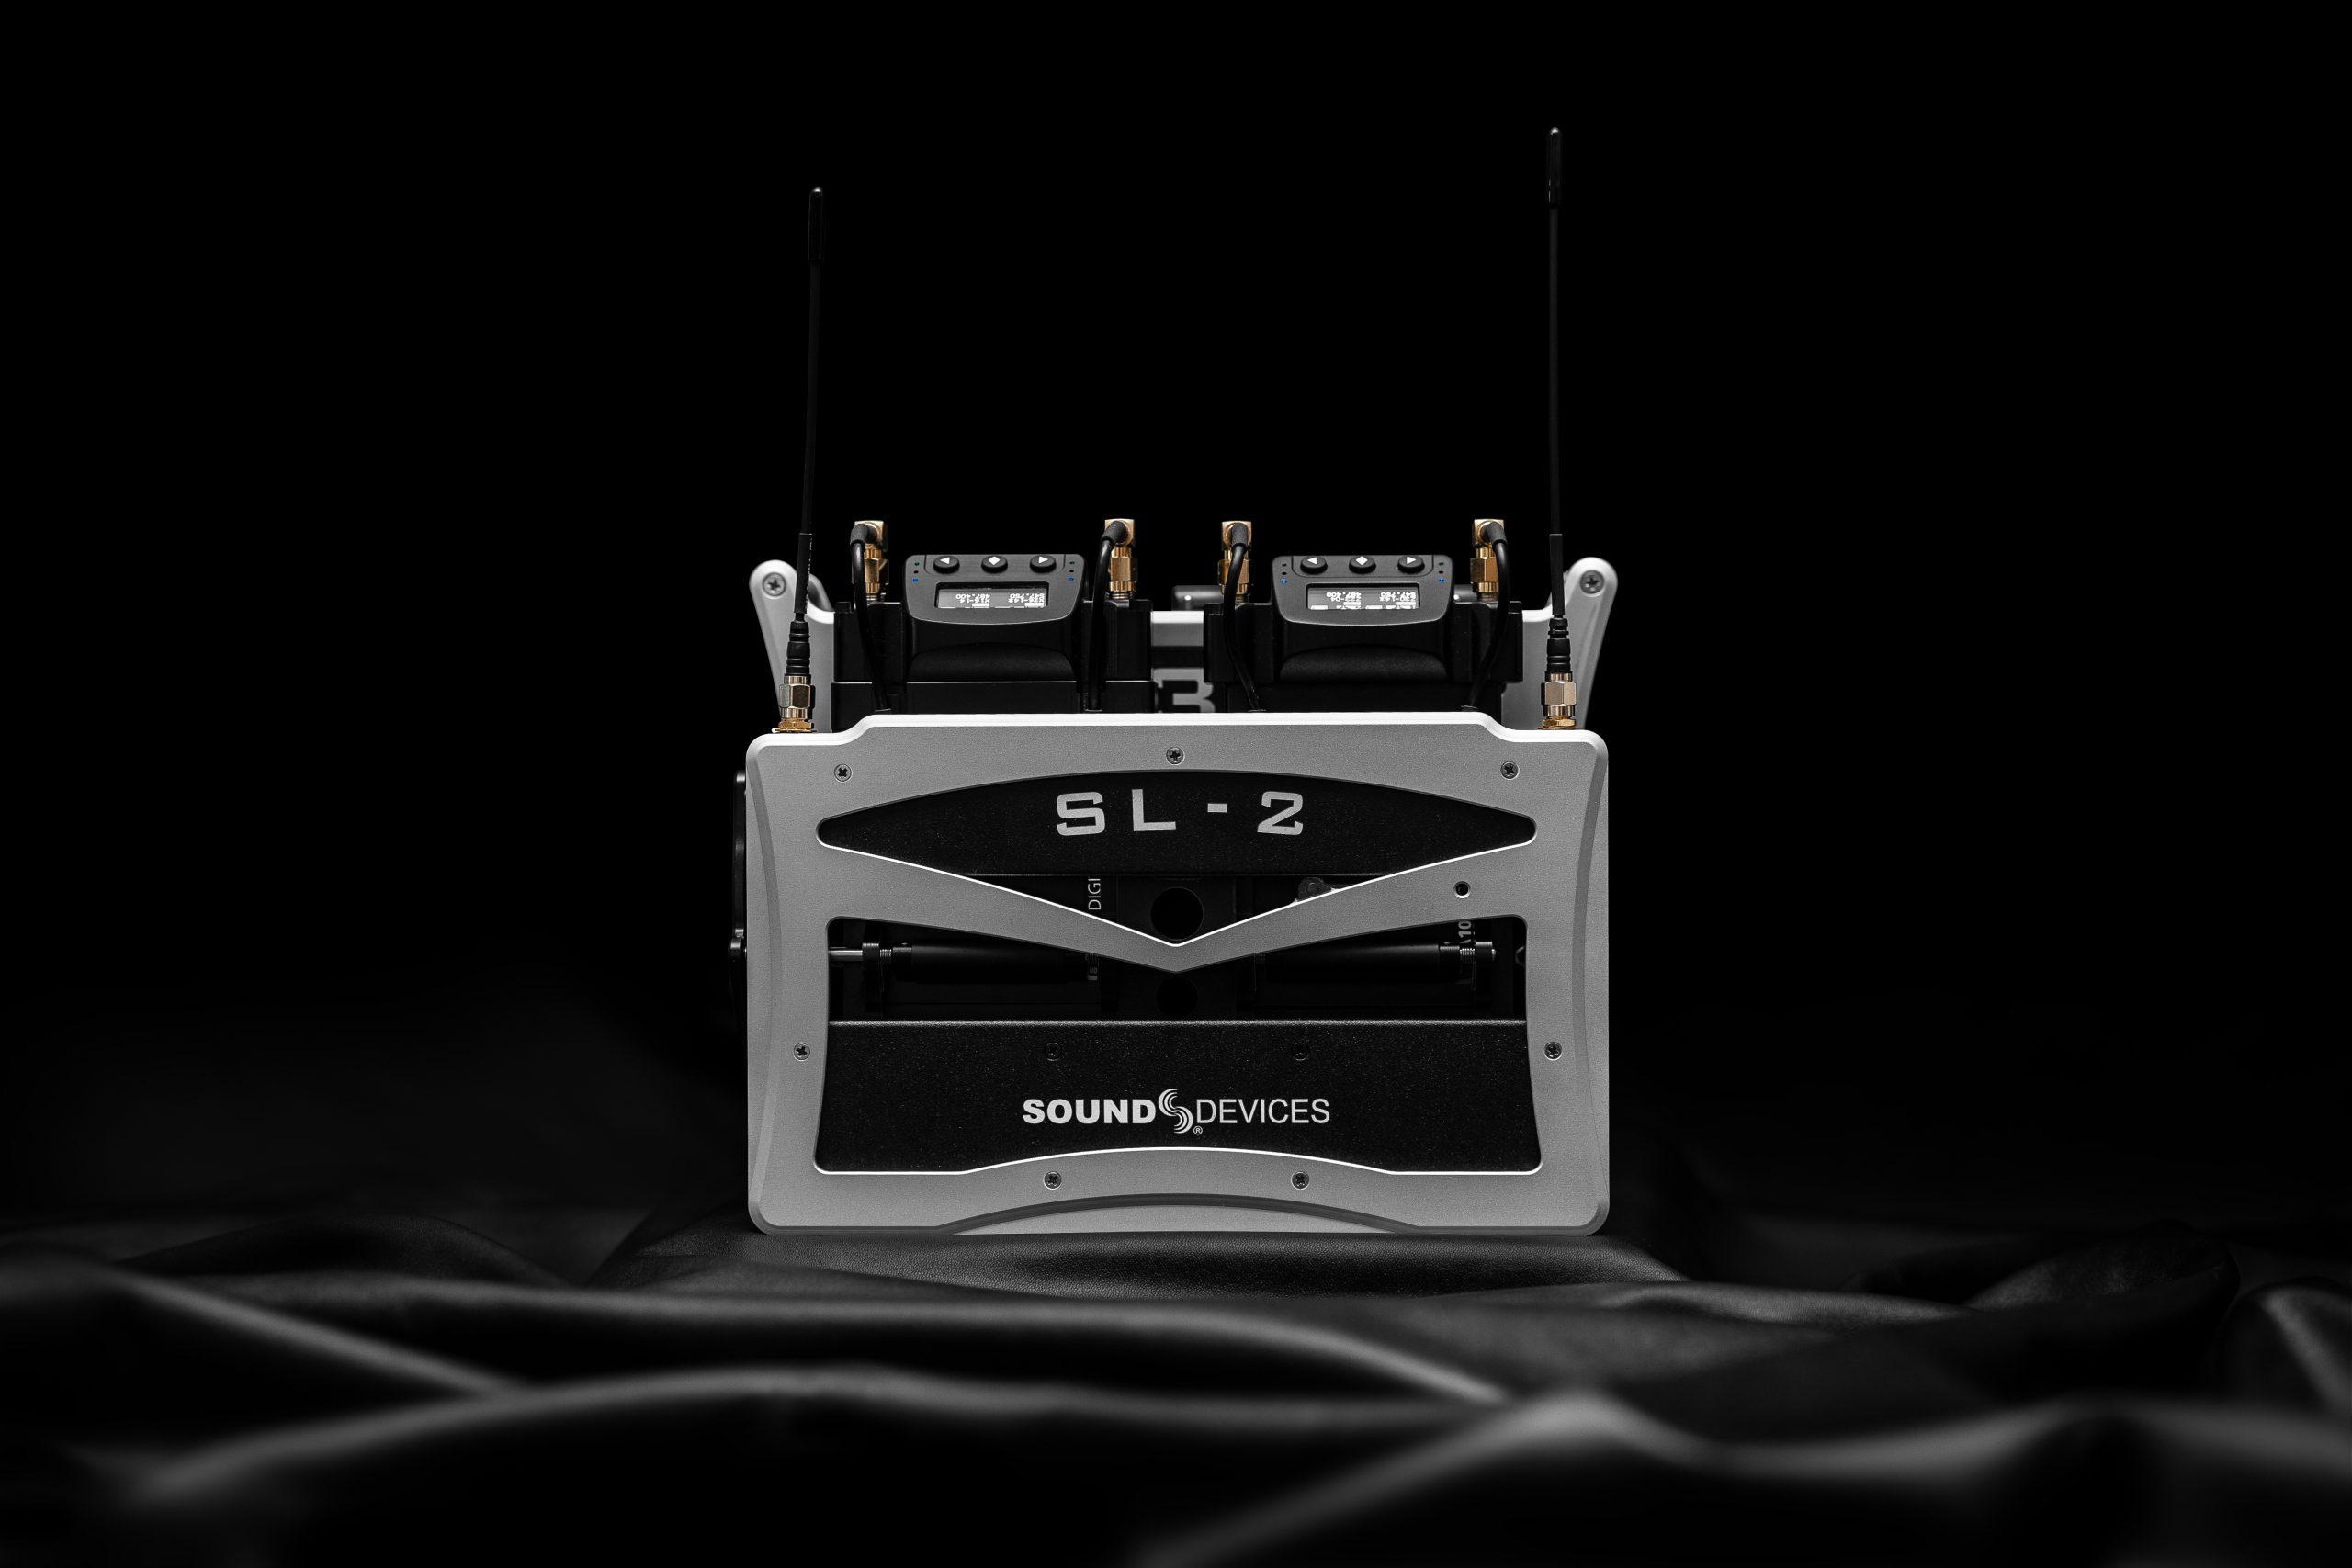 Anuncios de Sound Devices: Nuevo módulo inalámbrico SL-2 y actualización de firmware v6.00 para la Serie 8